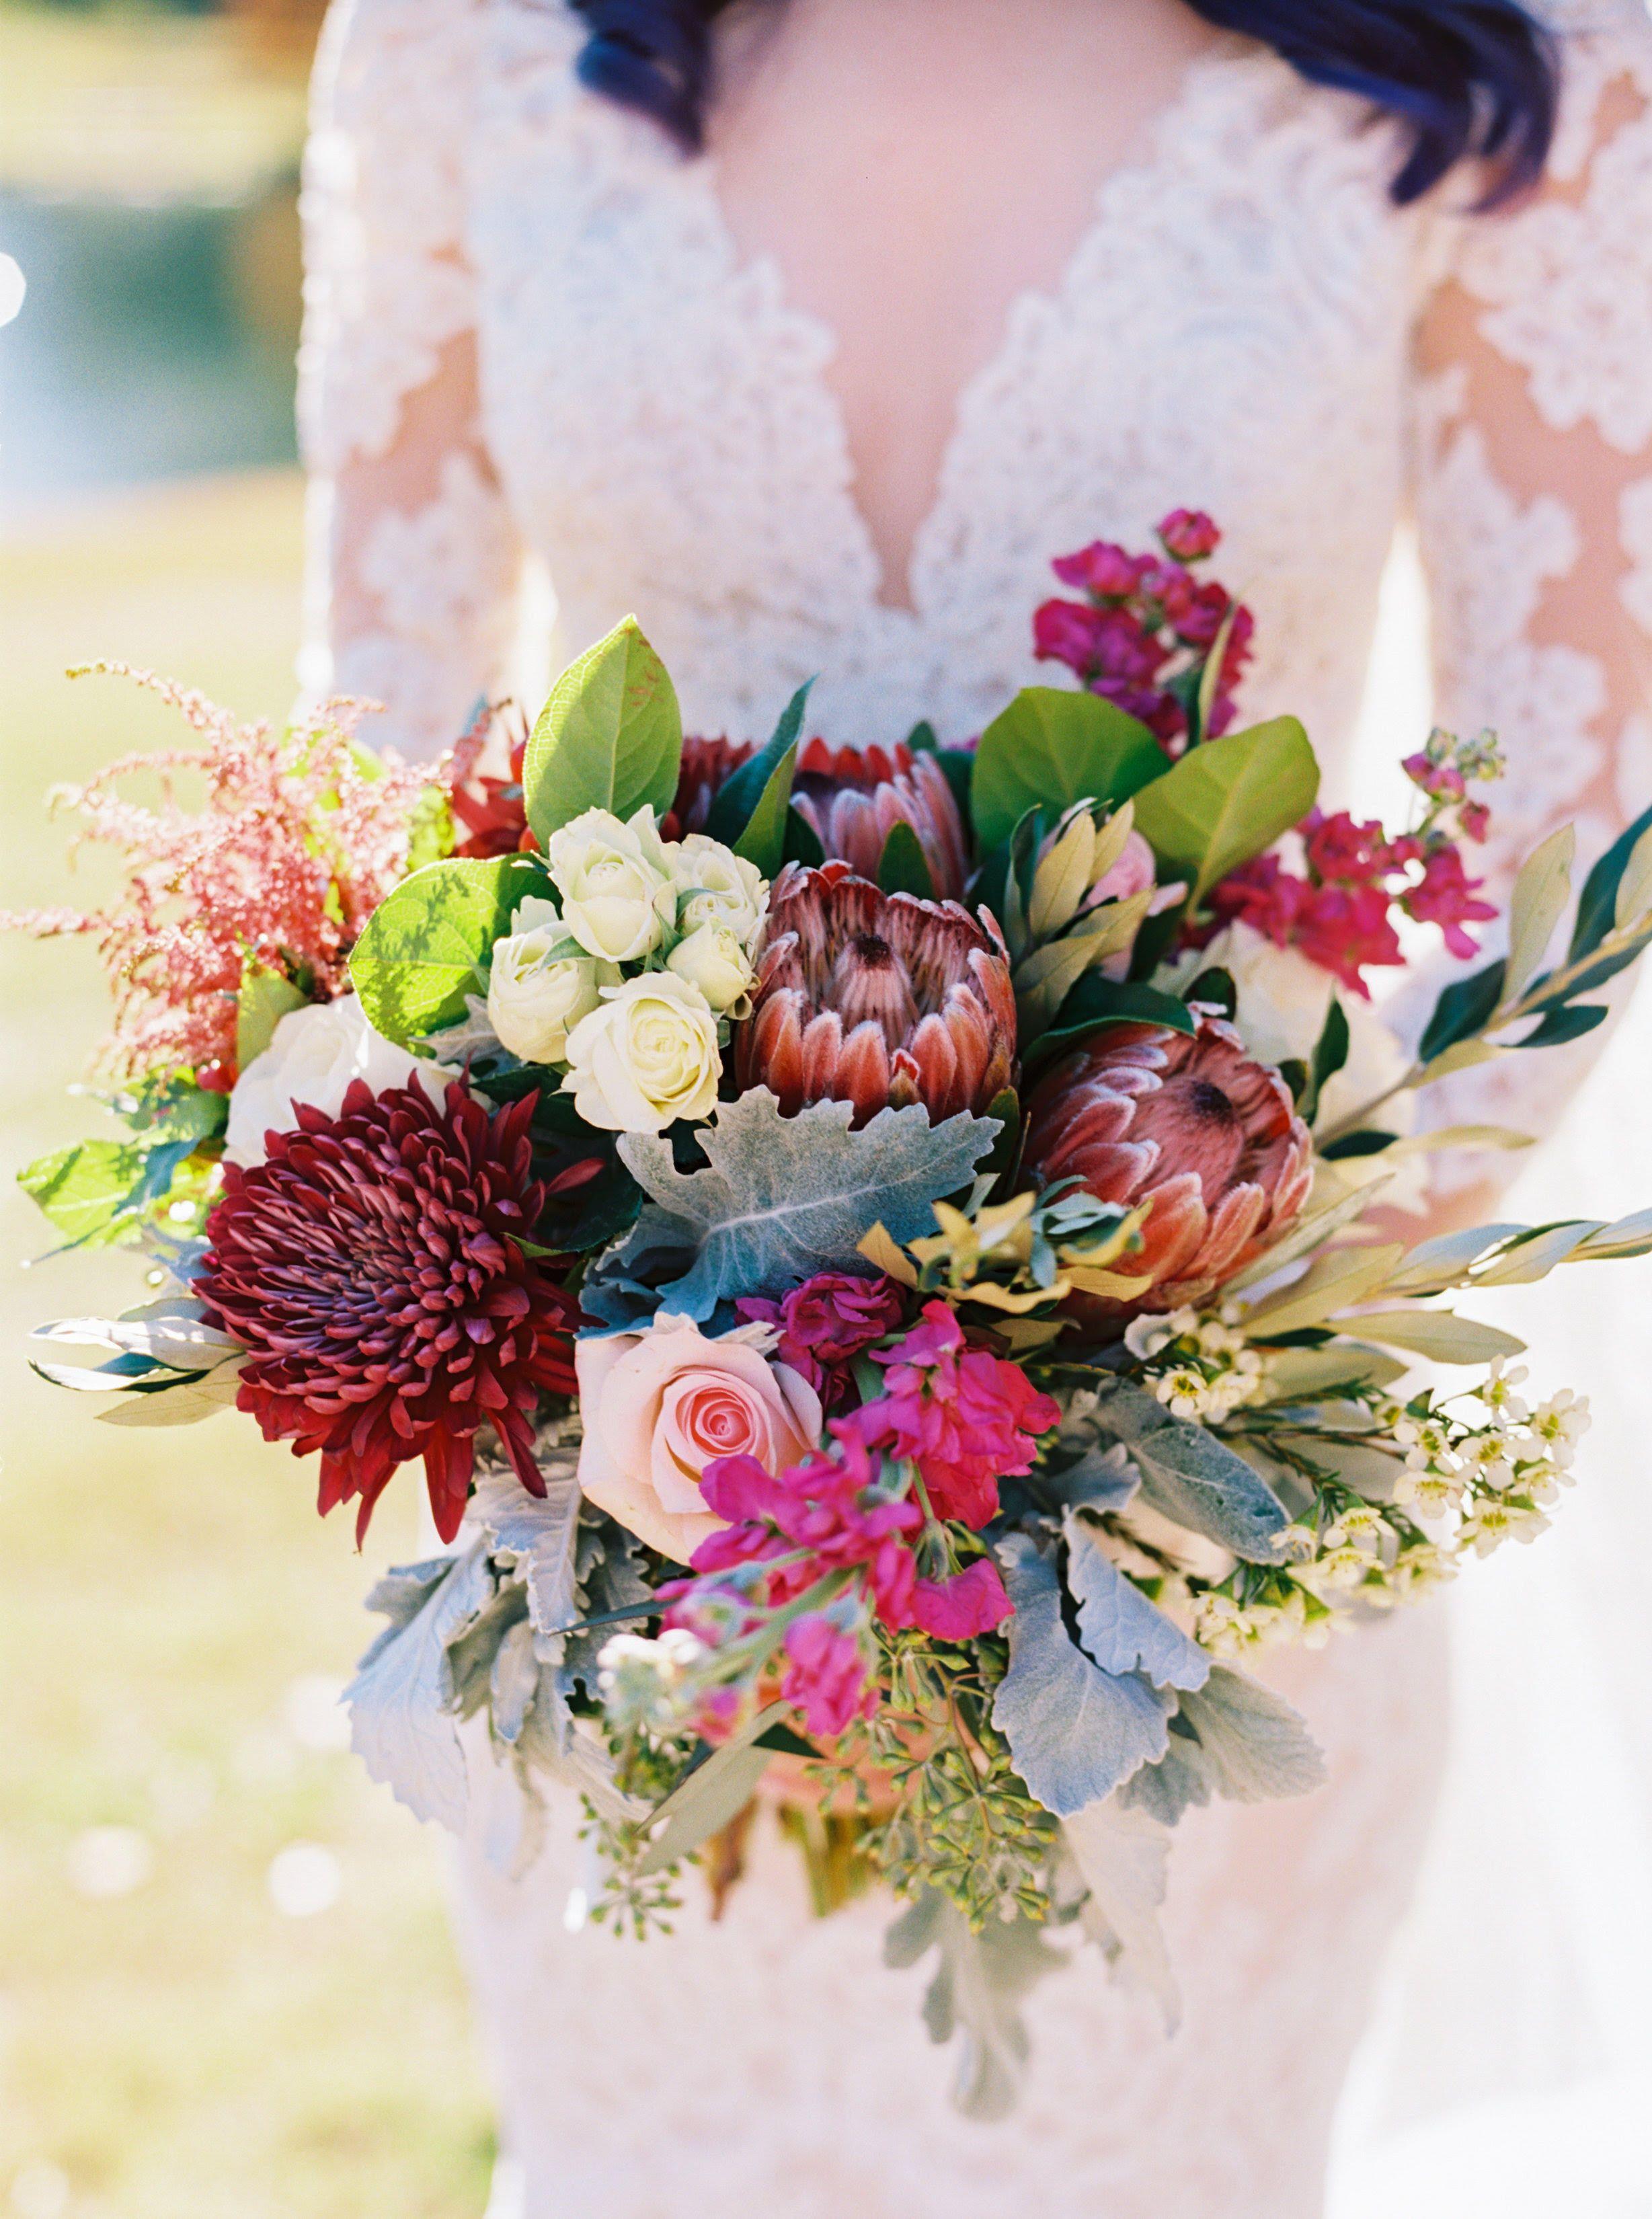 Brides bouquet with protea flowers. Laurel dress by Anne Barge ...